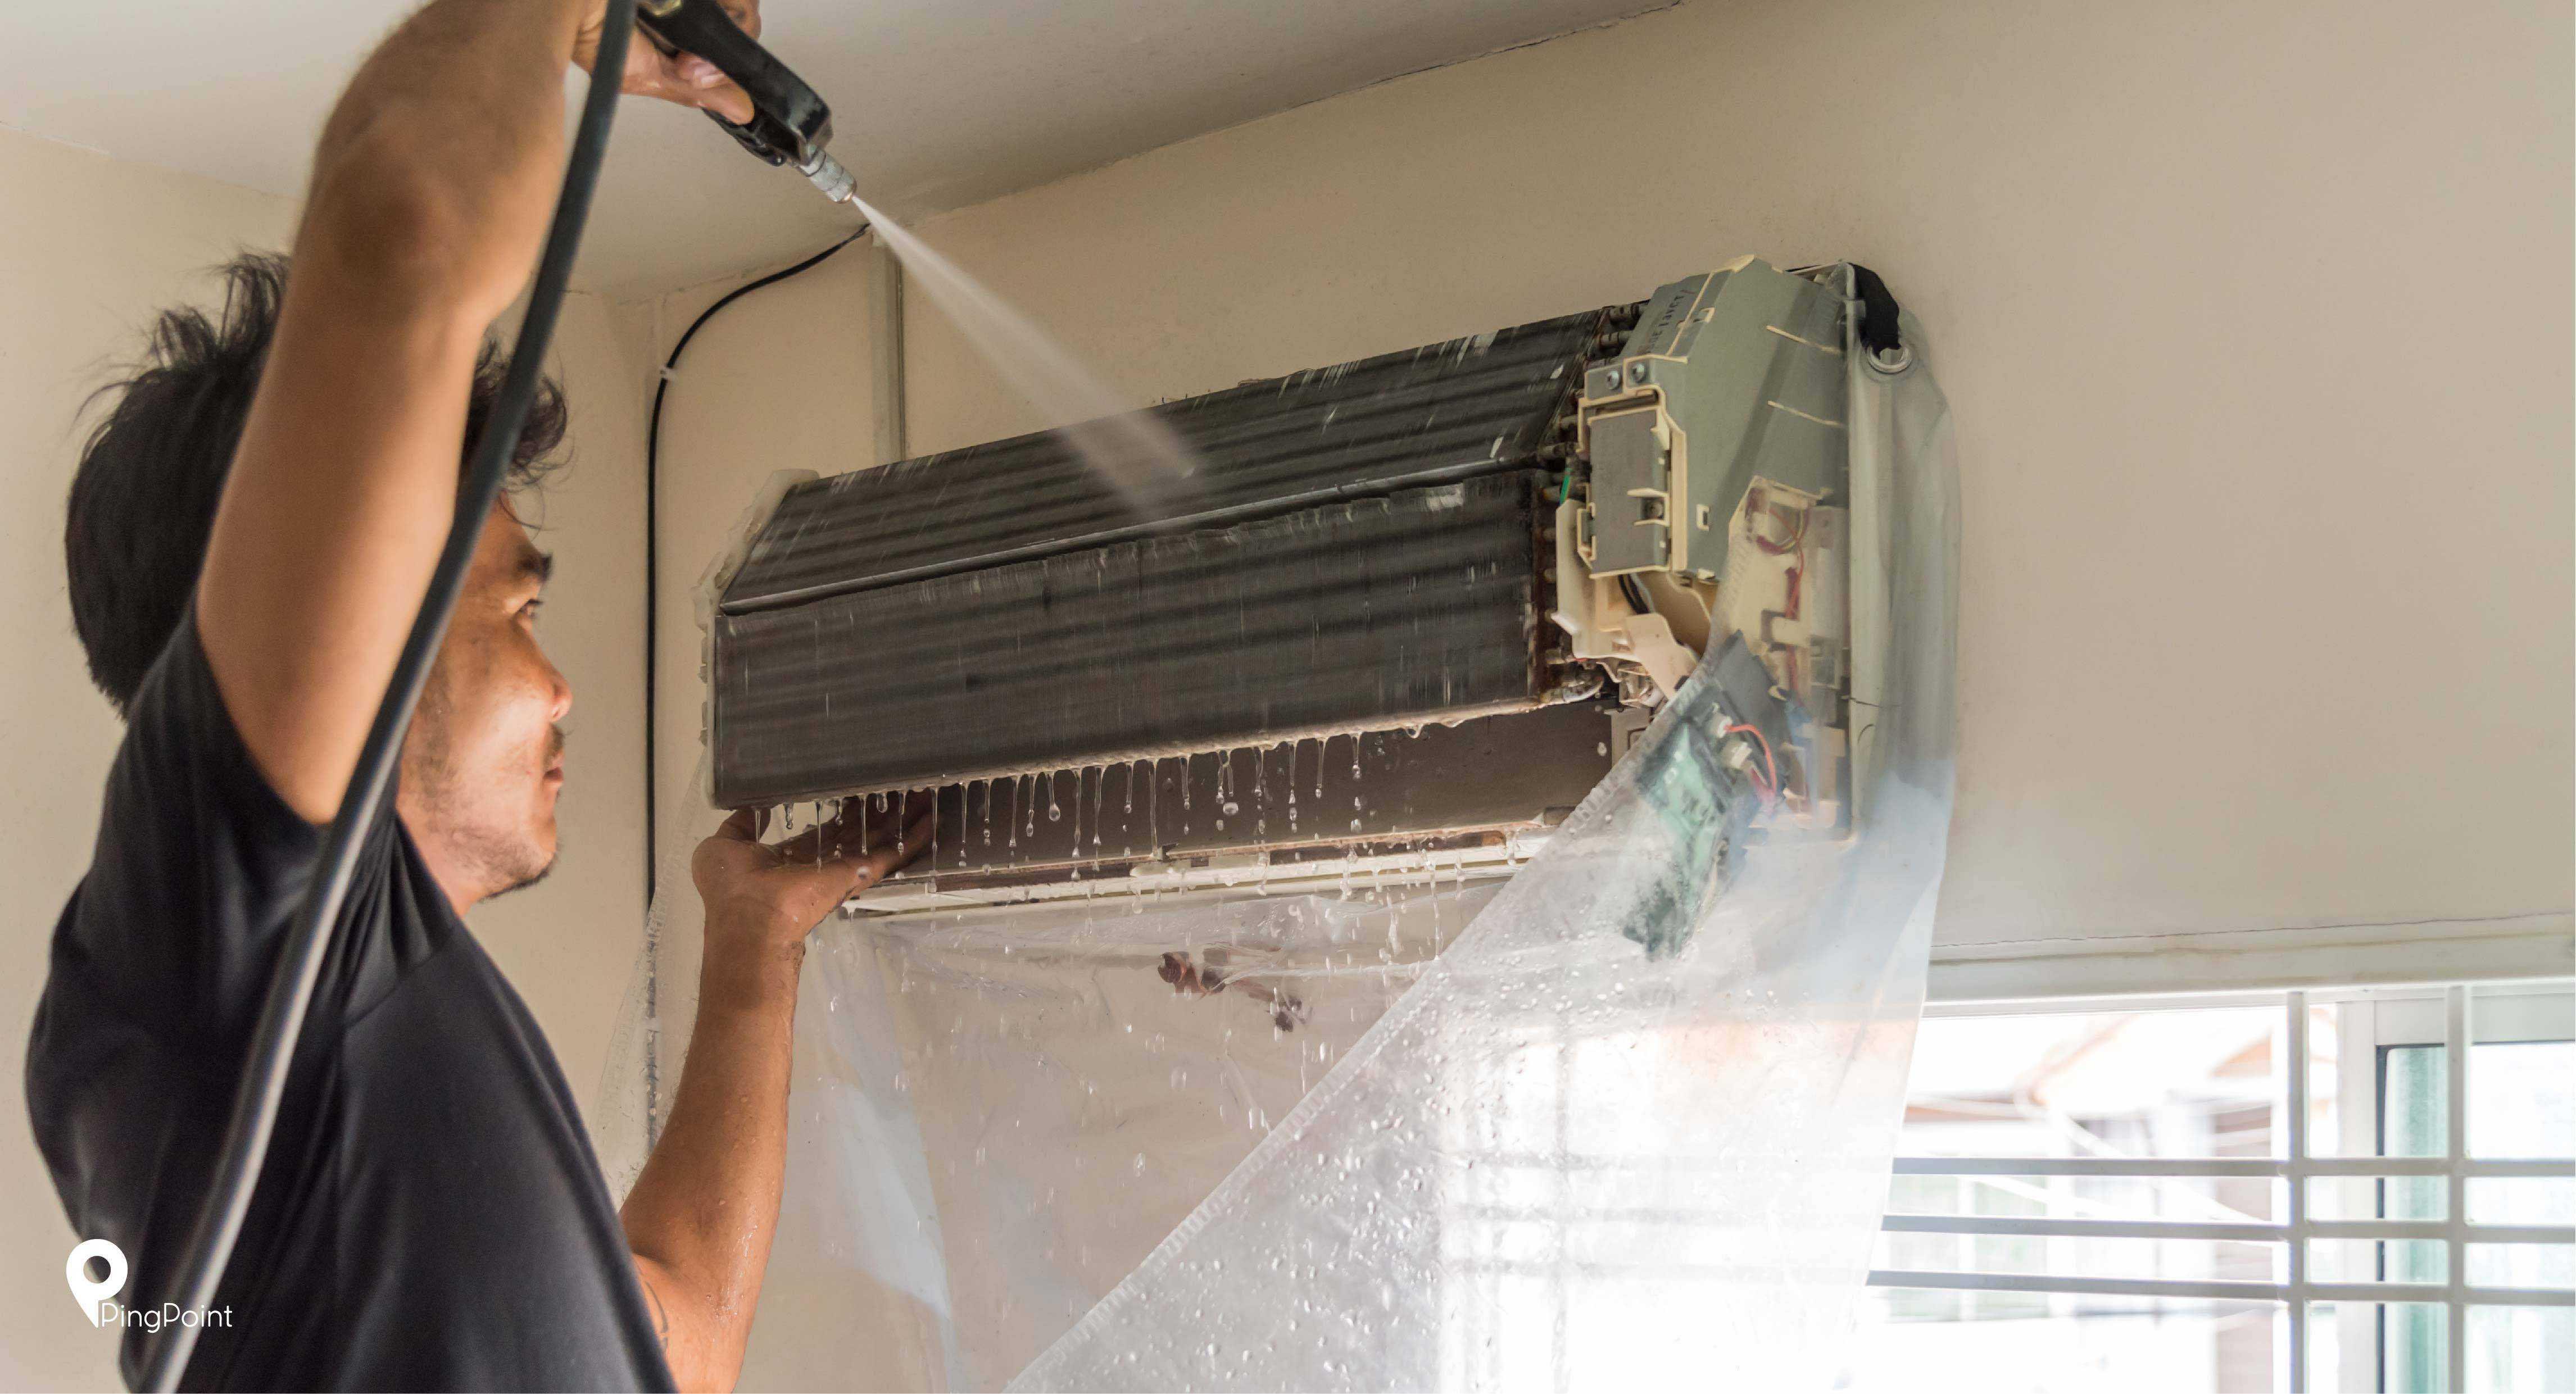 Чистка кондиционера в домашних условиях своими руками: лучшие средства для обработки системы кондиционирования